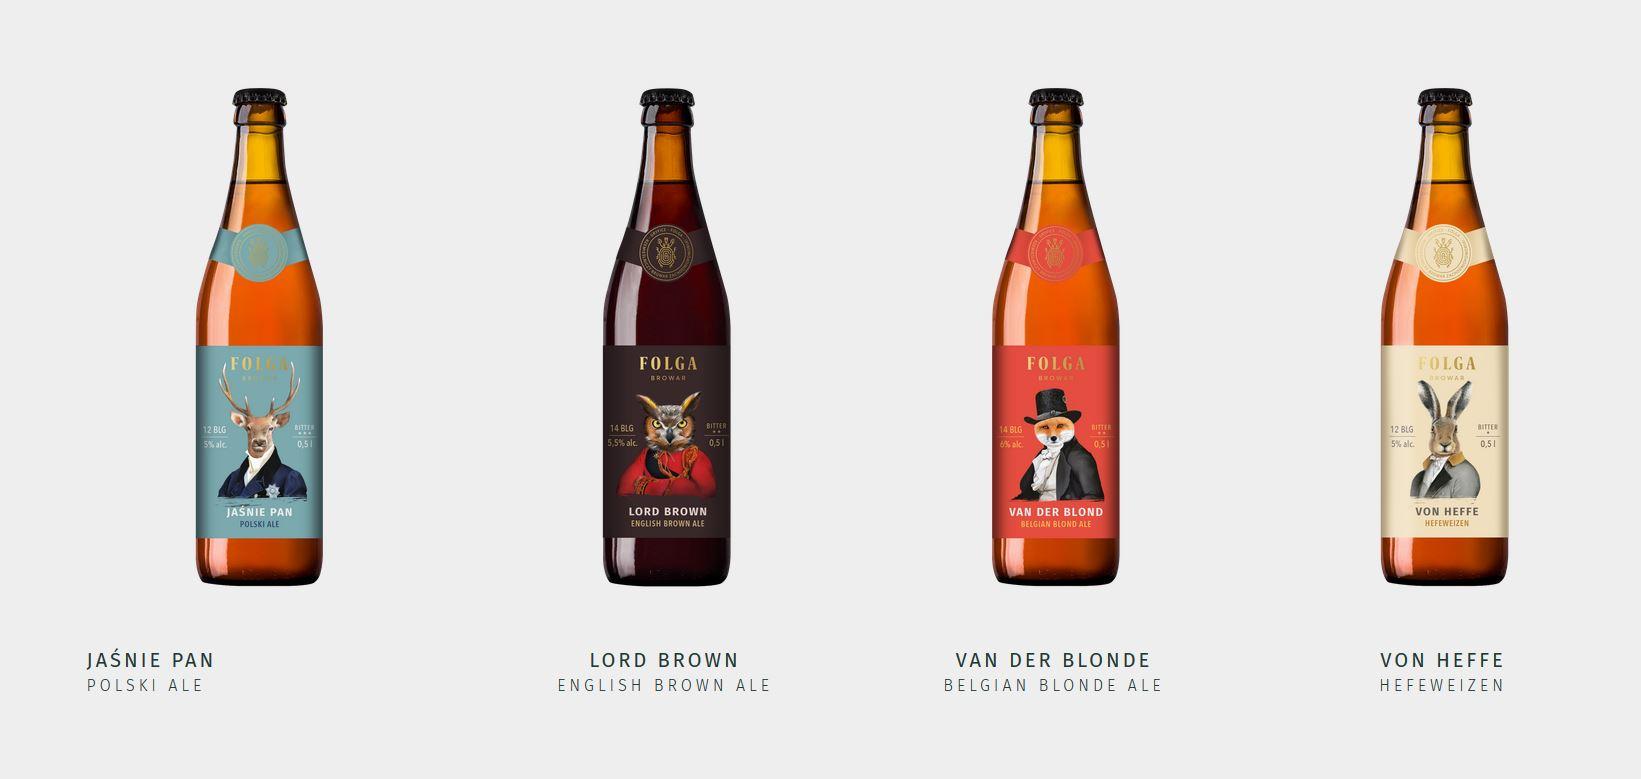 Piwa które można kupić w gryfickim browarze Folga